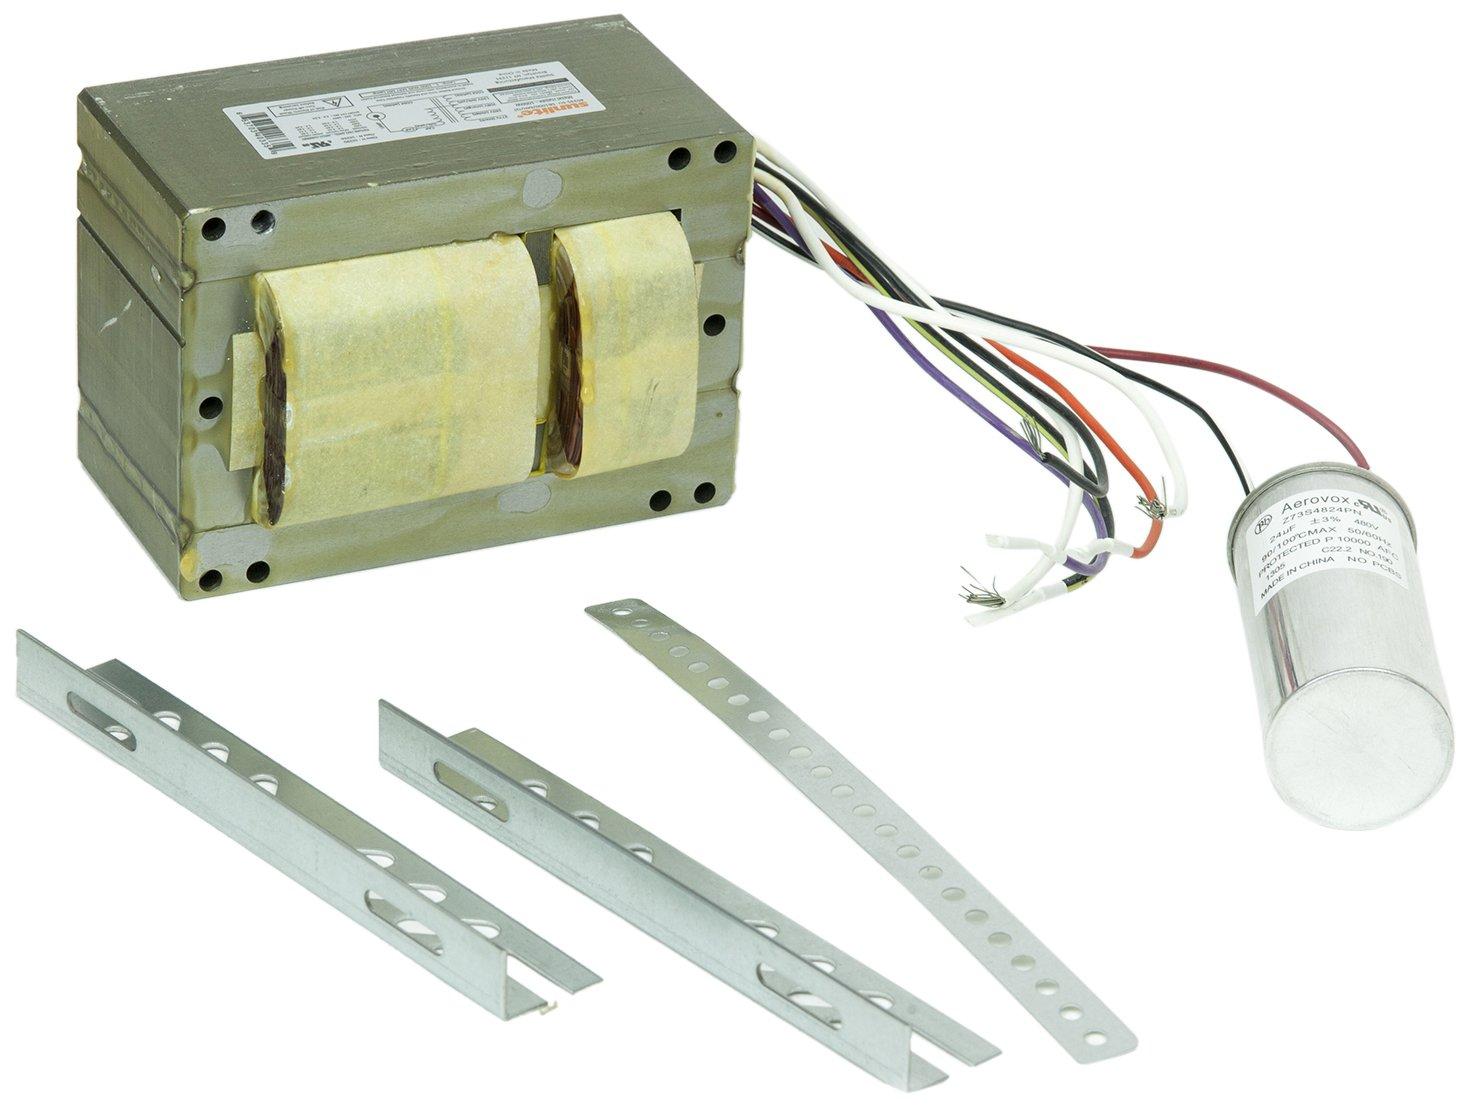 Sunlite 40335-SU SB1000/MH/QT 1000-watt Metal Halide Ballast Quad Tap Ballast Kit, Multi volt